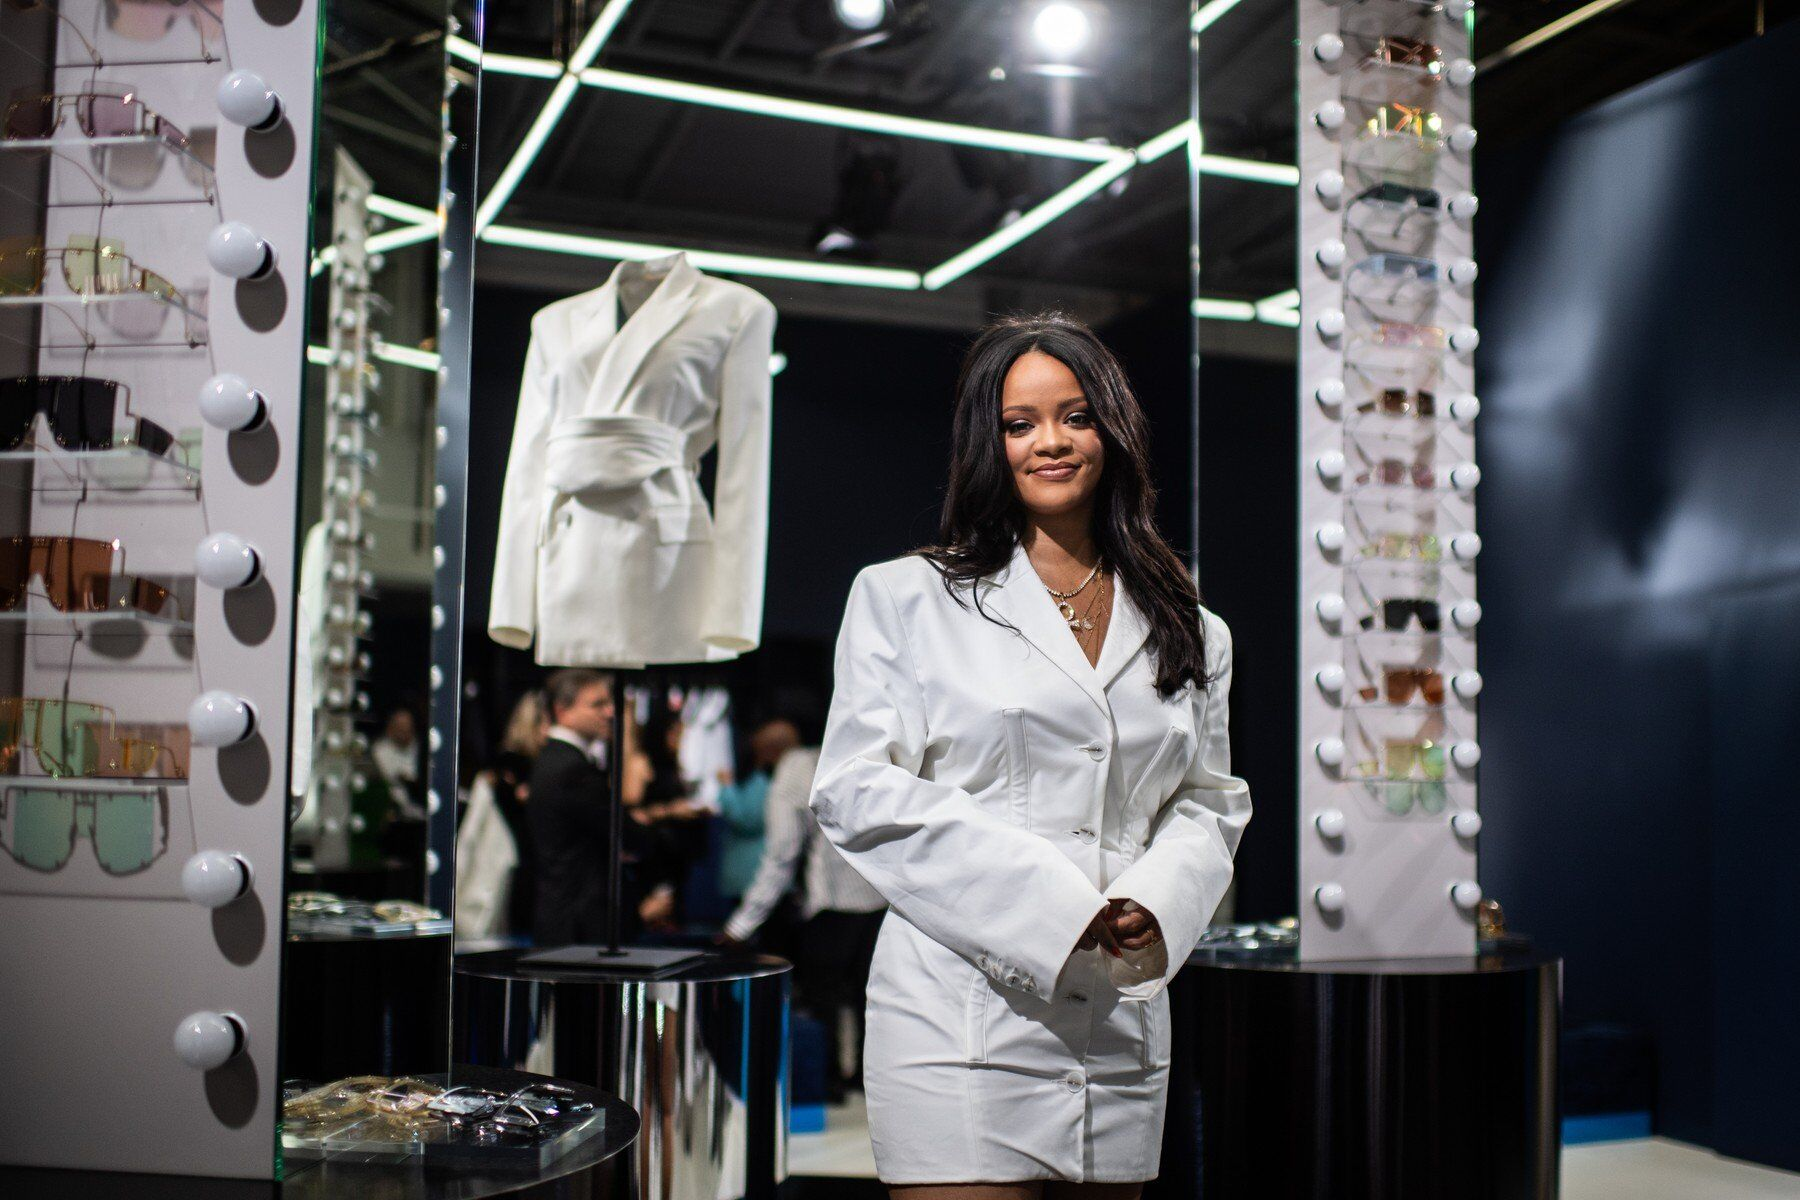 19cc38e79a ŽENA-IN - Rihanna představila svou módní značku Fenty. Inspirovala ...